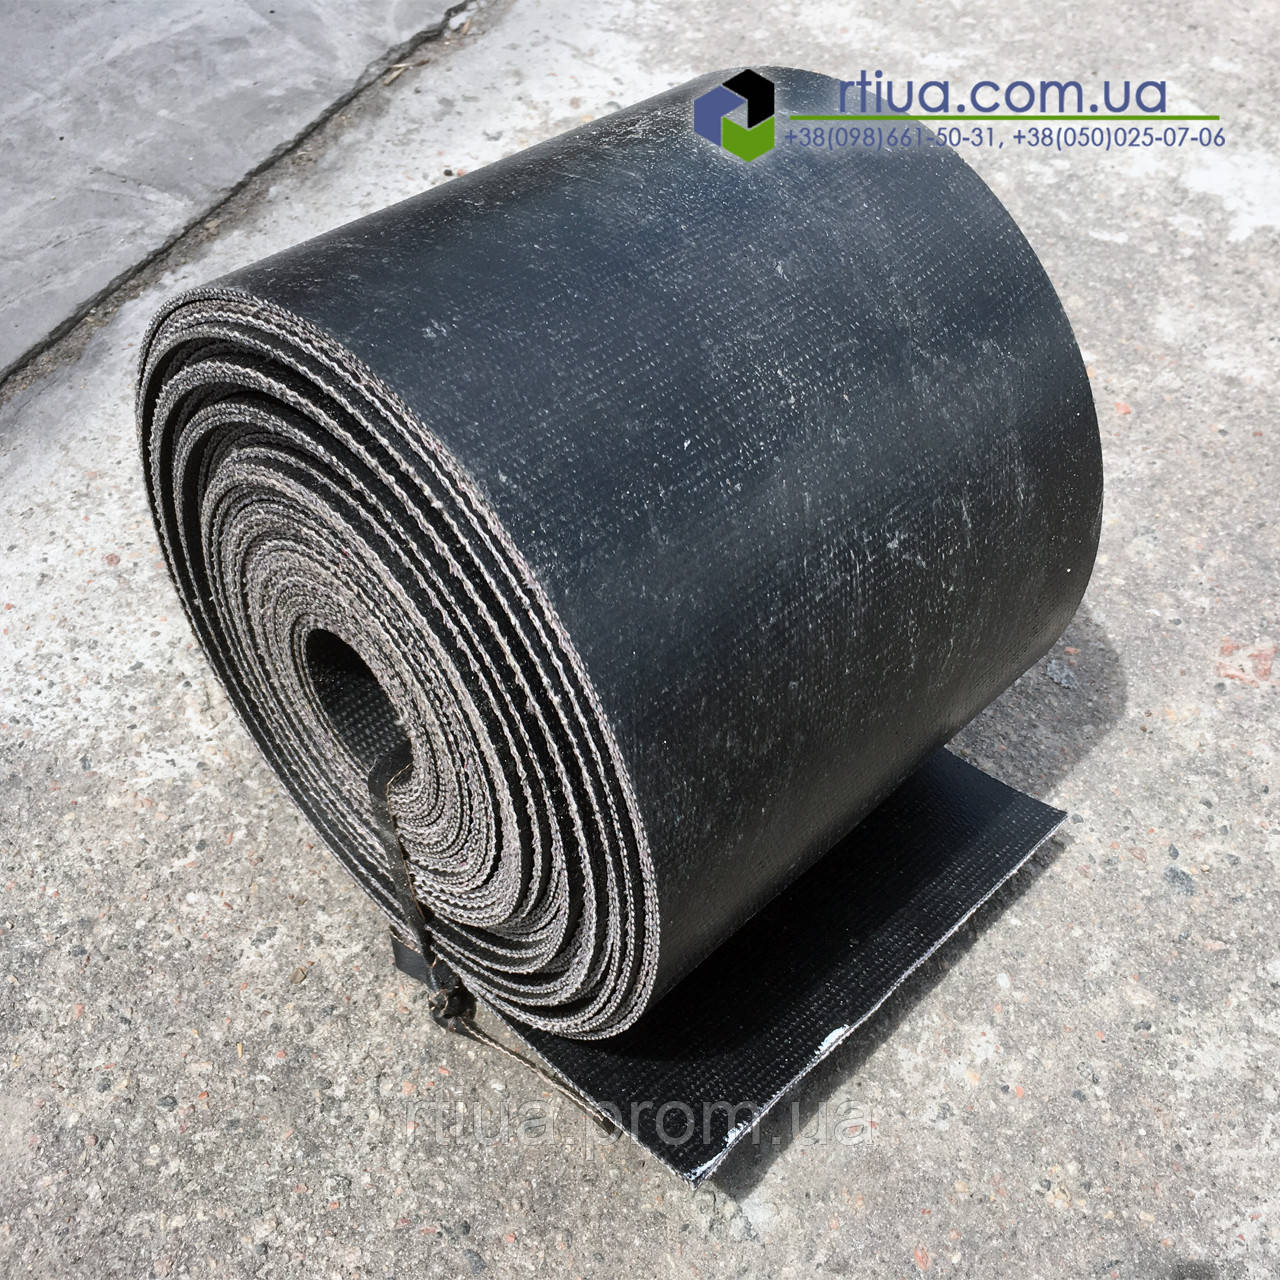 Транспортерная лента БКНЛ, 150х2 мм